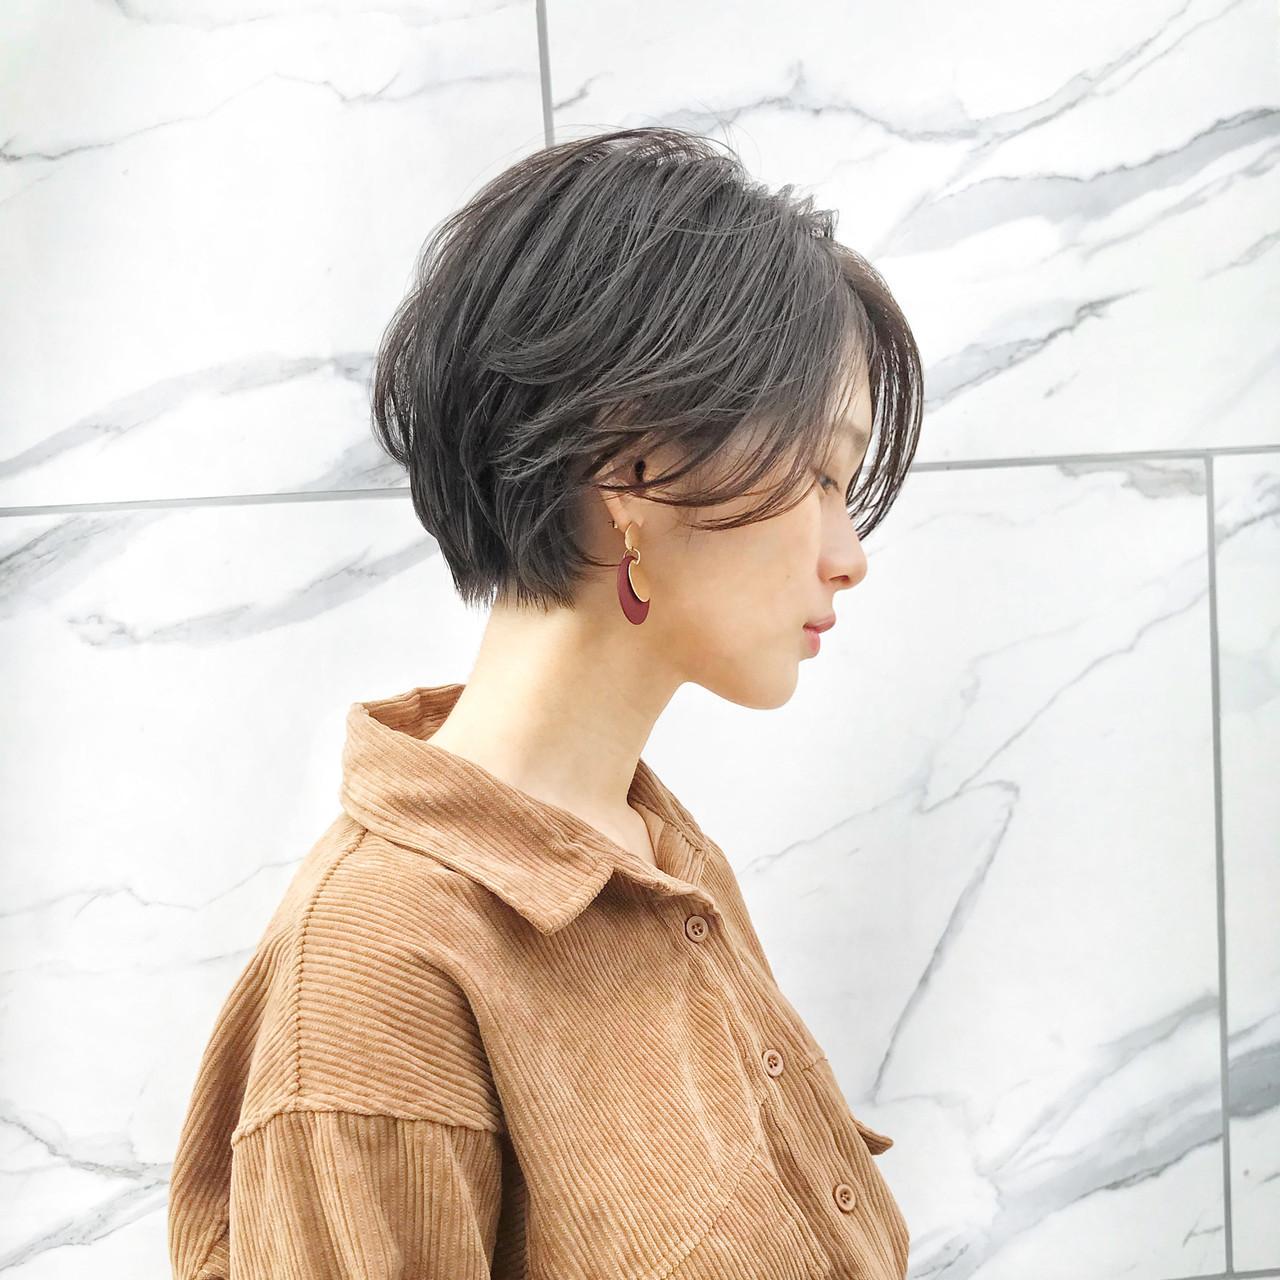 長め前髪はパーマで流して MANOHARU 新屋敷